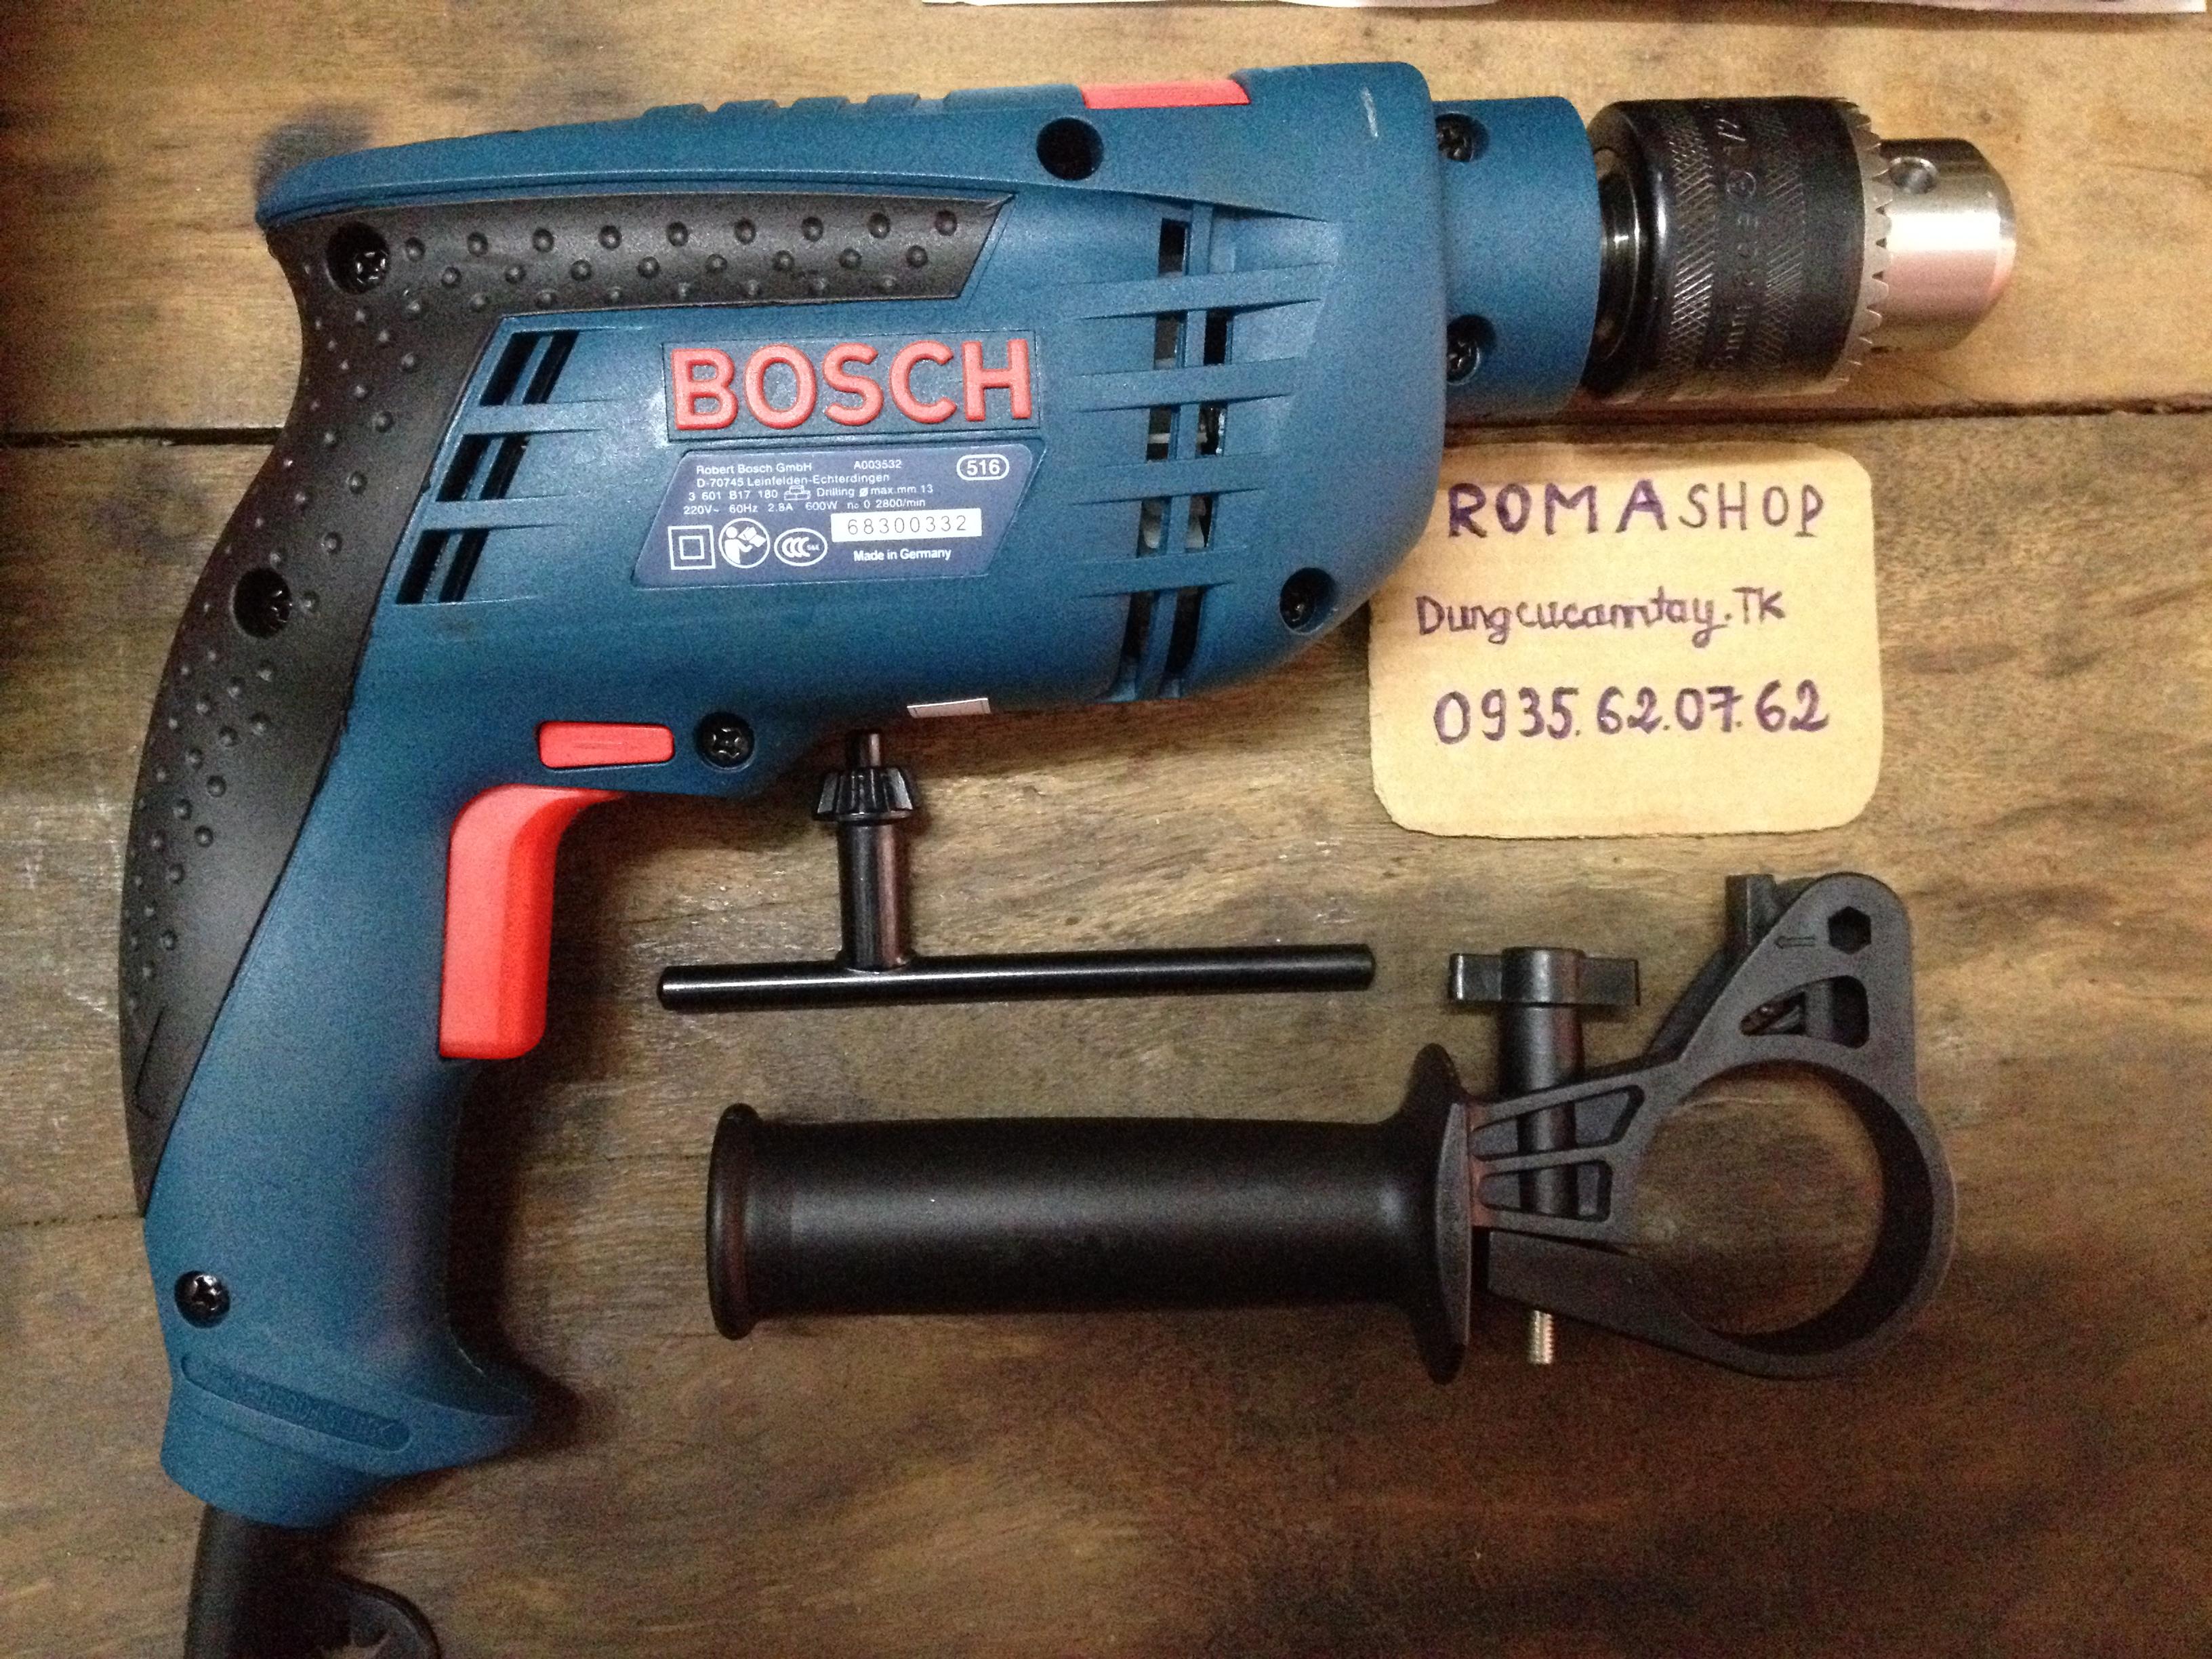 Máy khoan Bosch cầm tay 13ly 2 chức năng(khoan tường,gỗ,sắt,bắt vít,...)